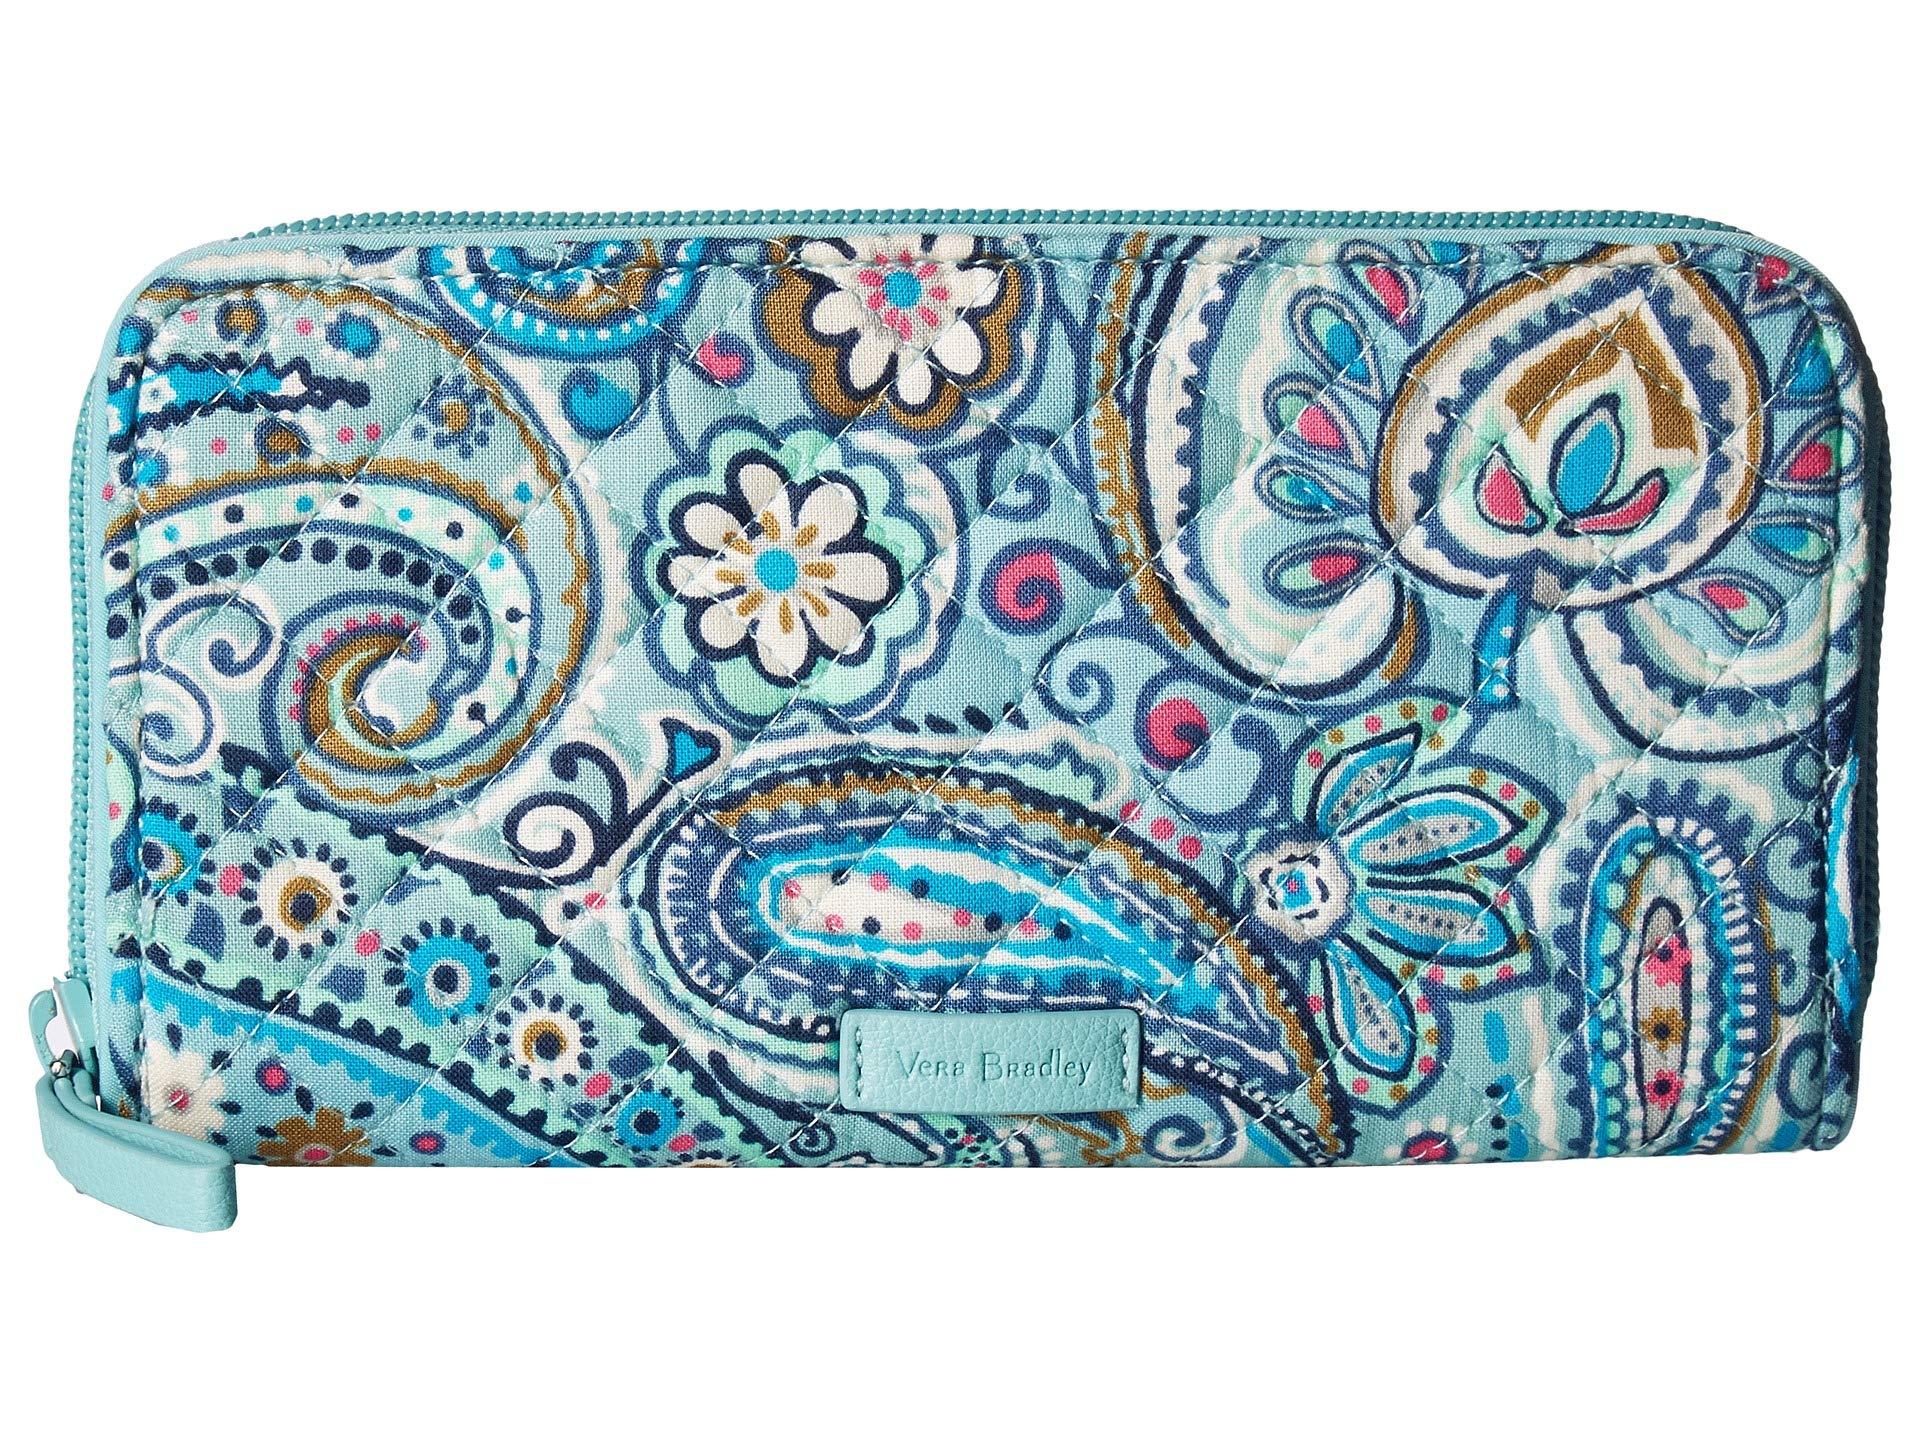 Wallet Vera Georgia Iconic Paisley Dot Bradley Rfid Daisy g4xPqwx1FS